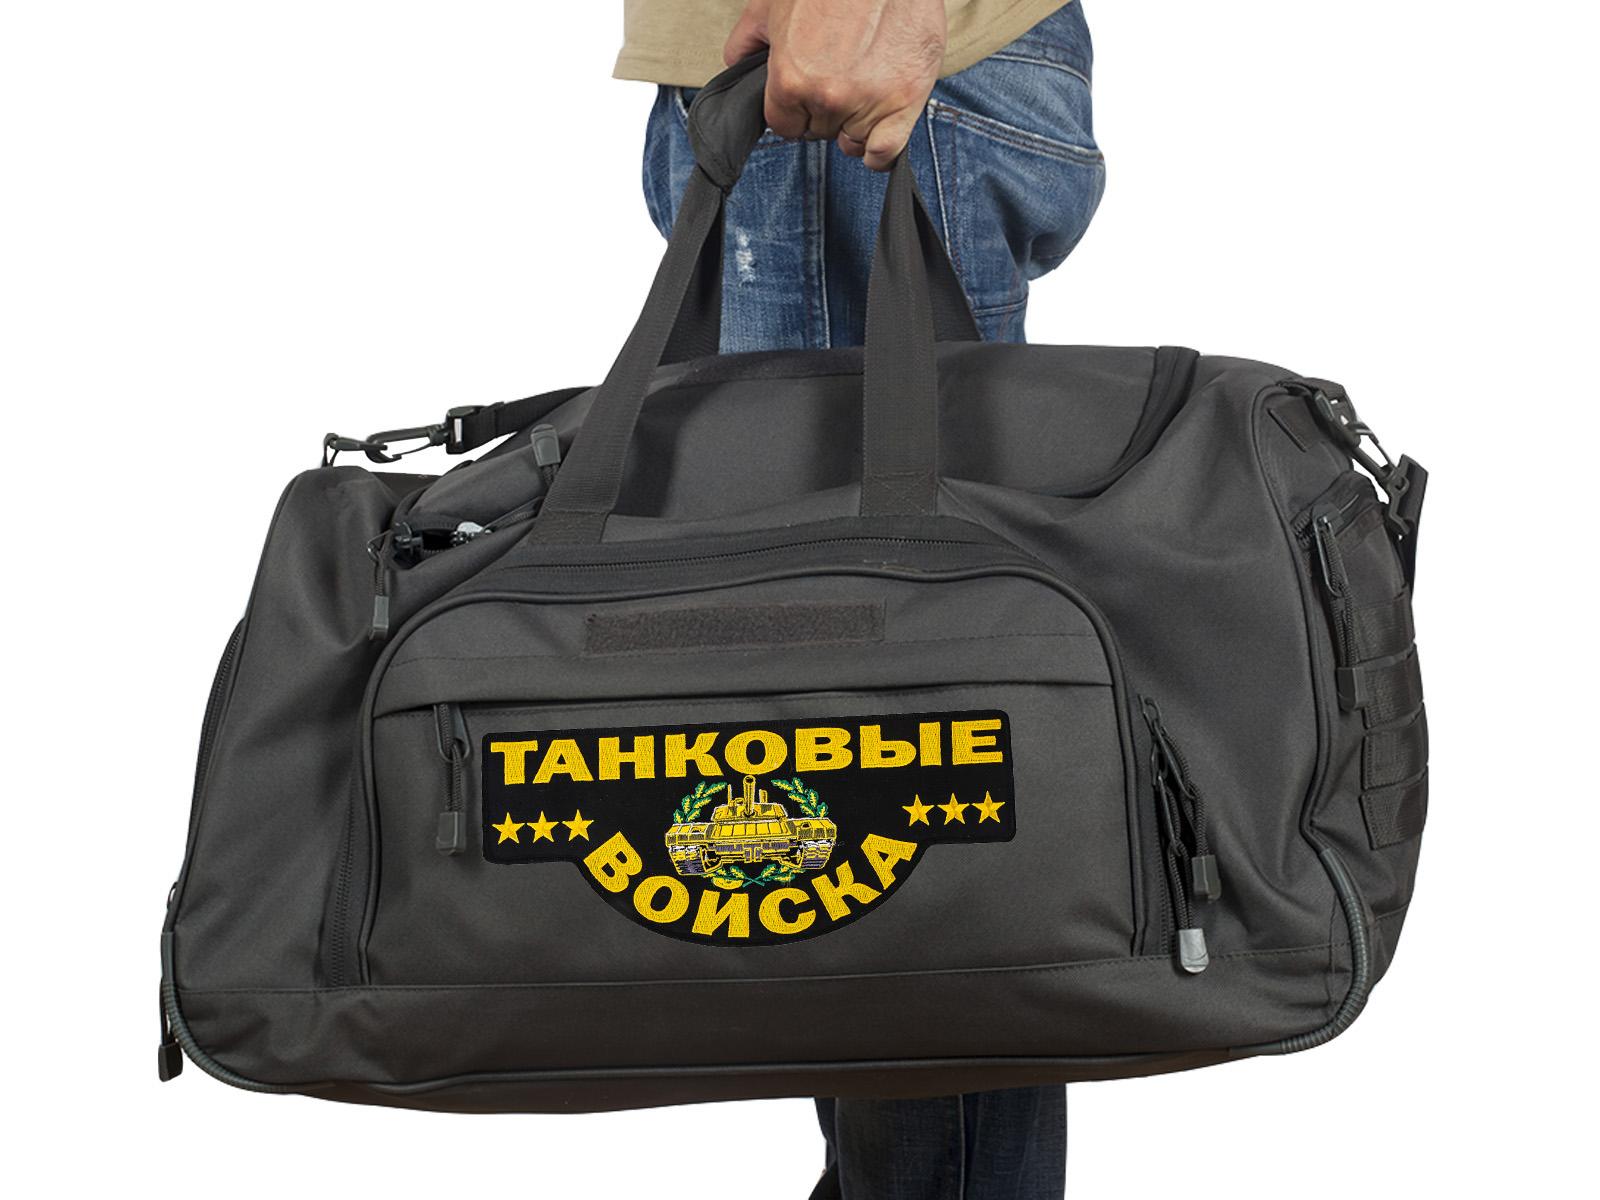 Купить армейскую дорожную сумку 08032B Танковые Войска по специальной цене онлайн